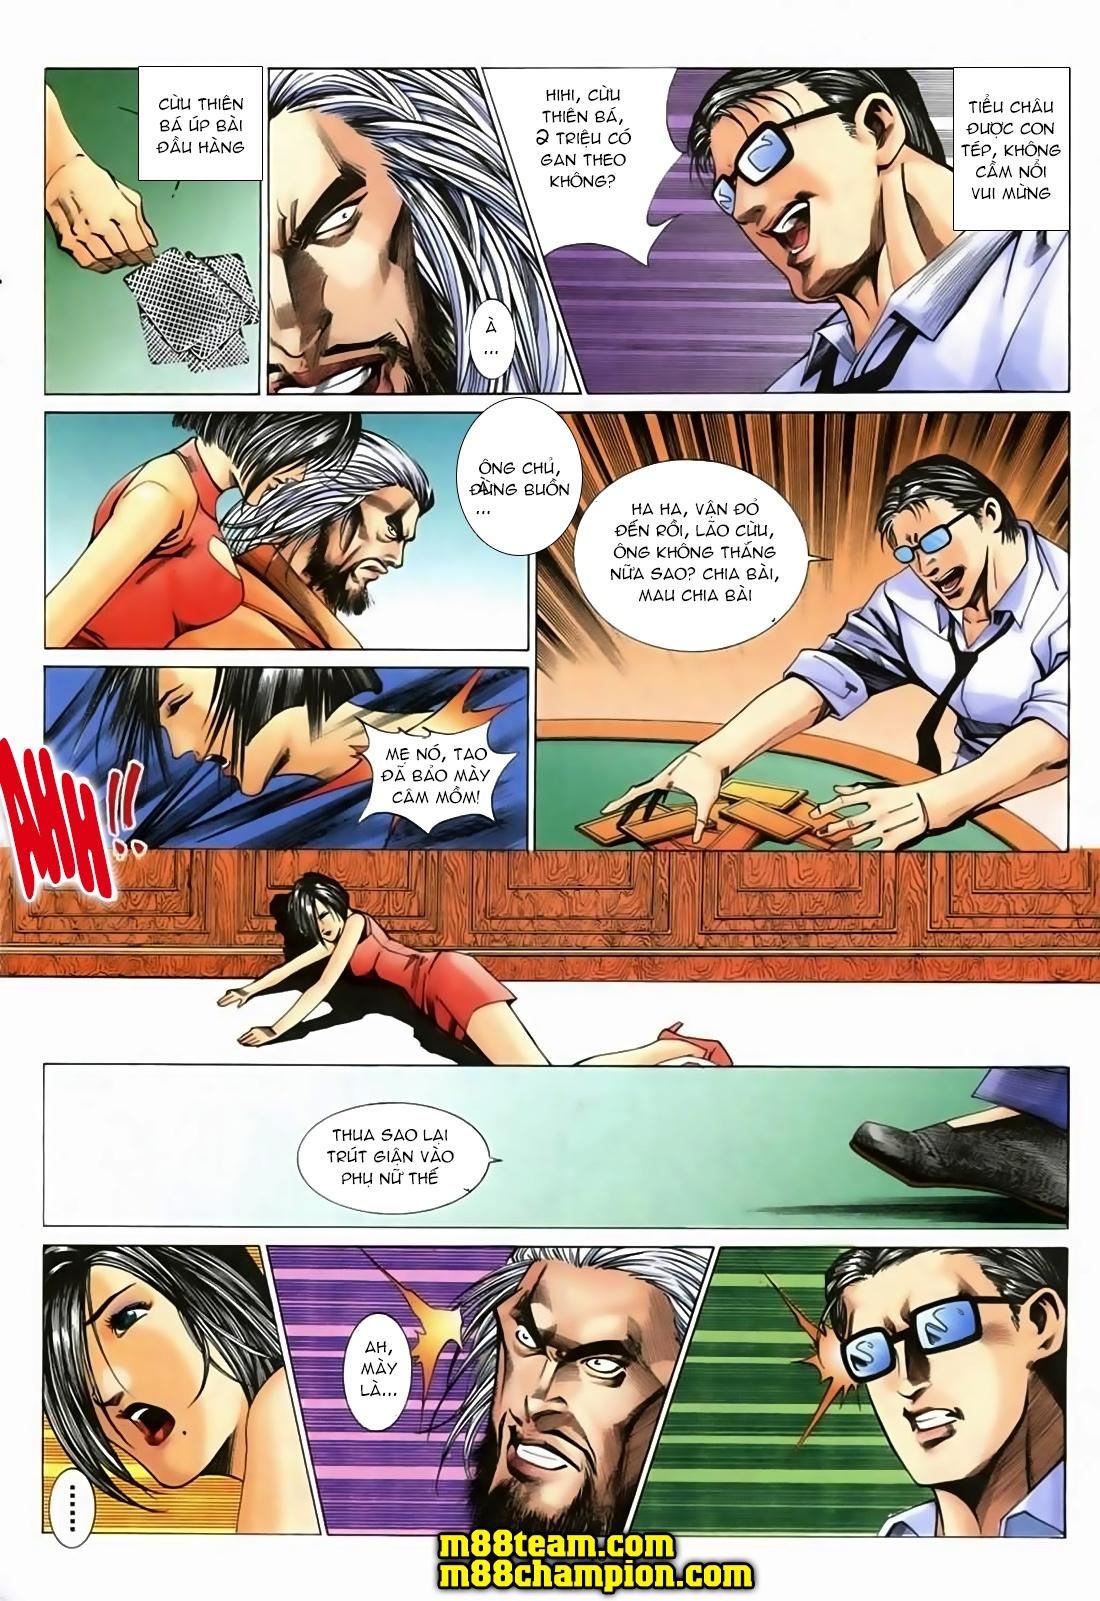 Đổ Hiệp Truyền Kỳ chap 1 - Trang 9